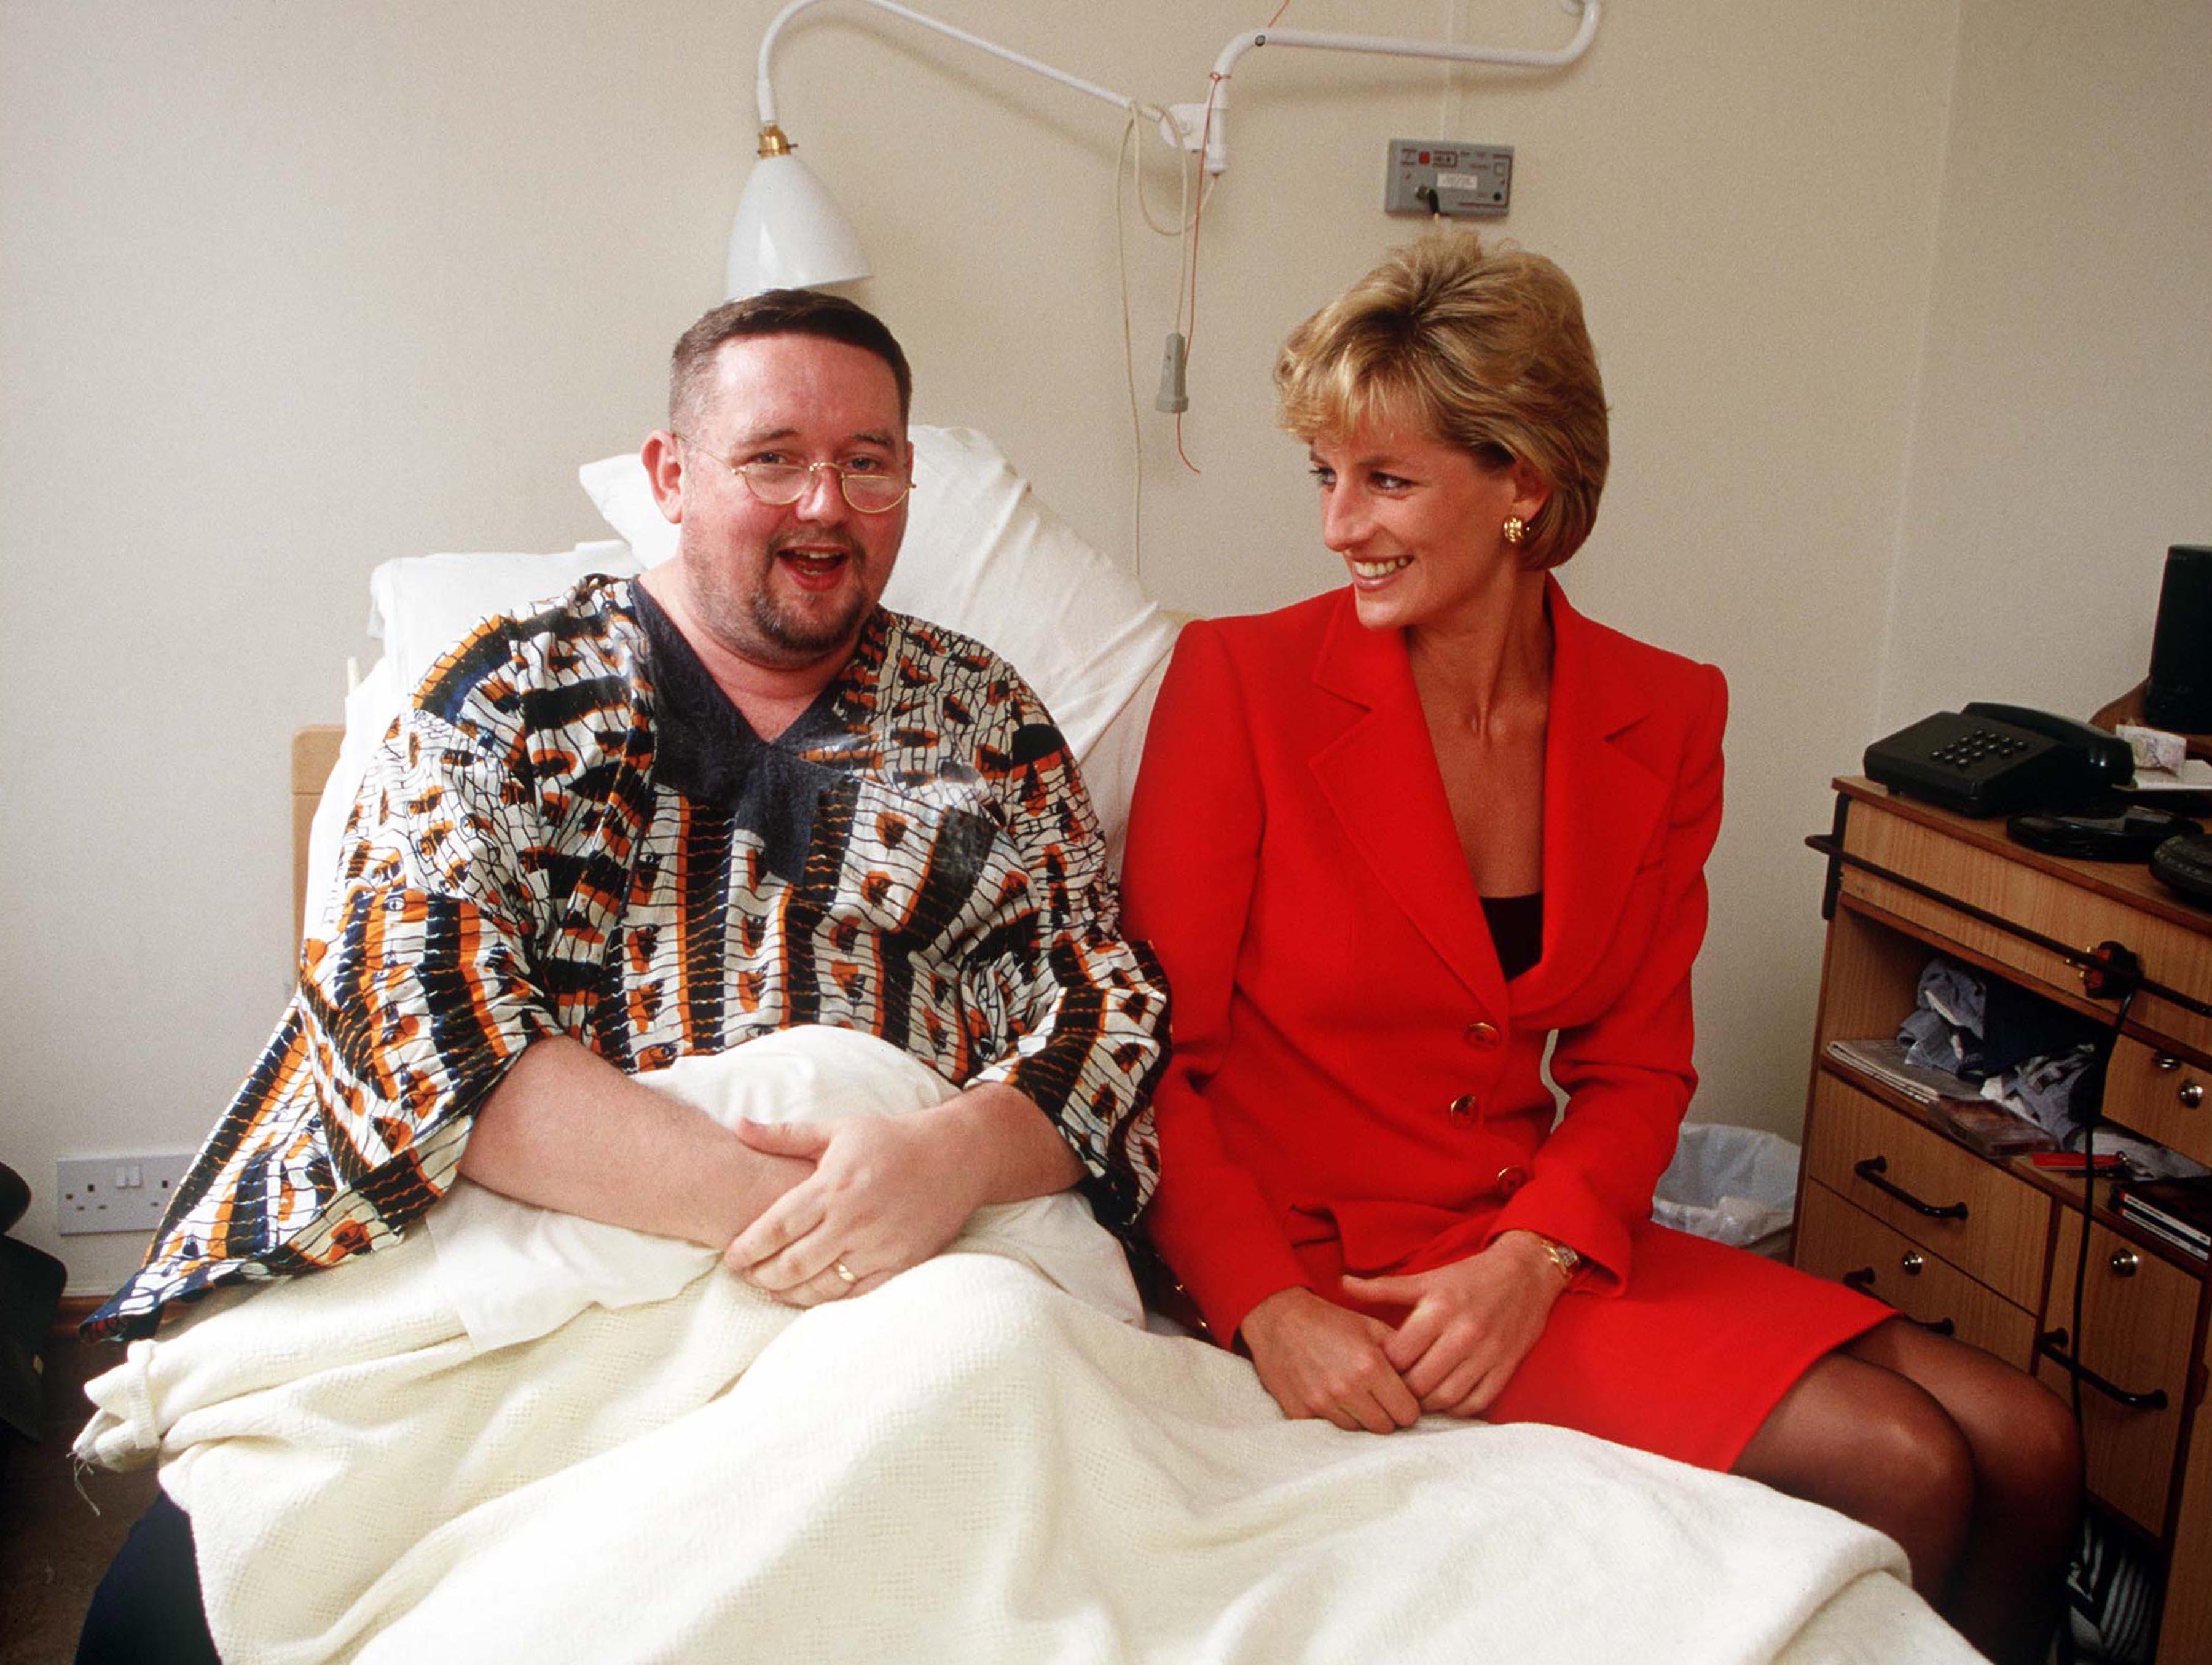 Il Principe William appoggia la comunità LGBT